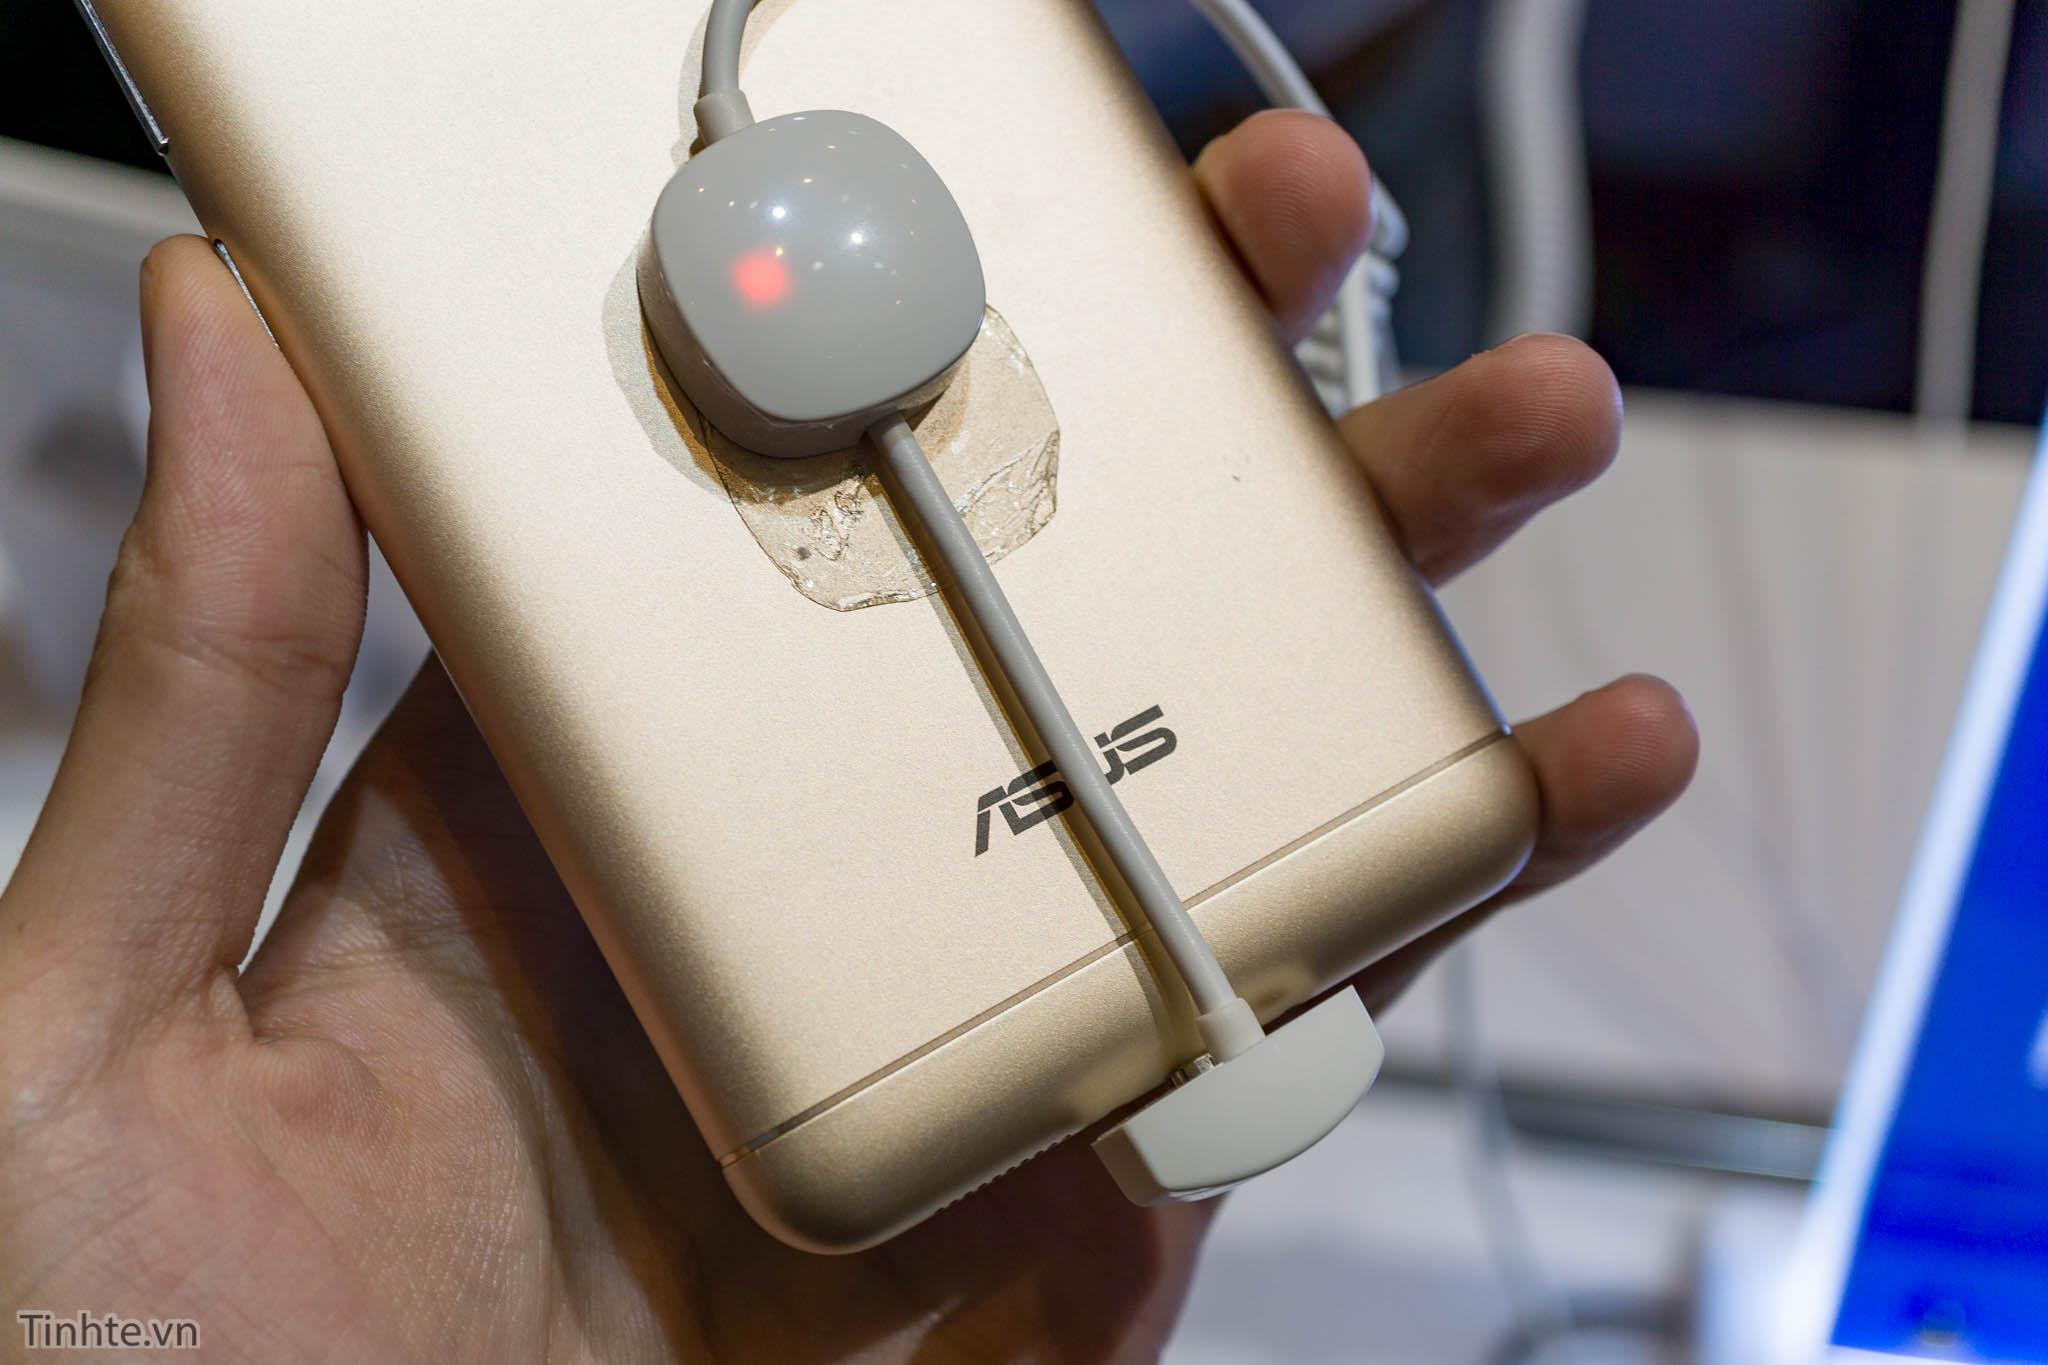 asus-zenfone-3-laser-tinhte-9.jpg